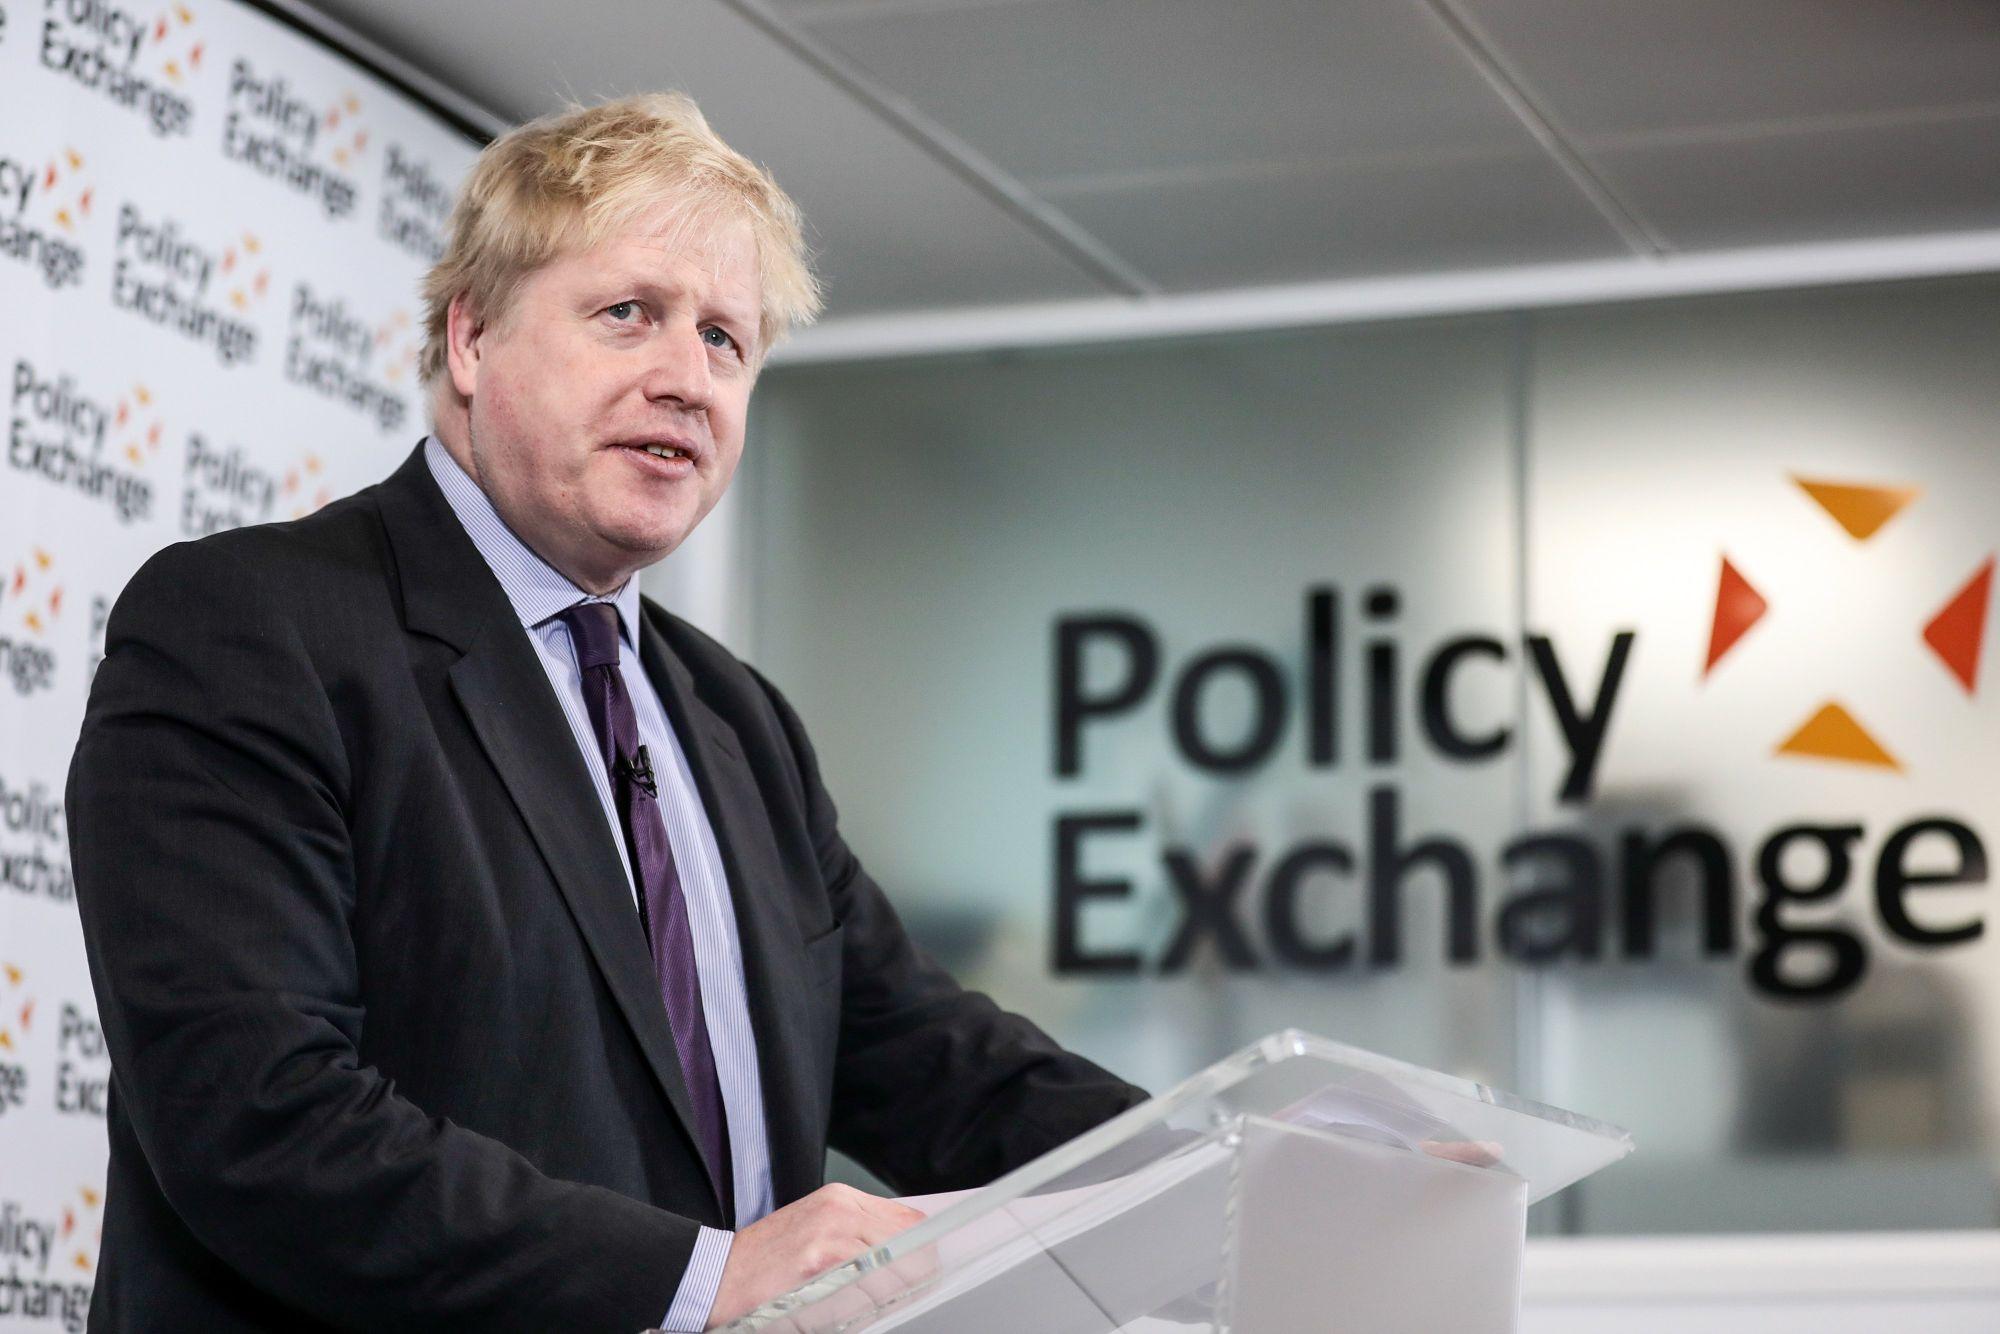 Boris Johnson brit külügyminiszter beszédet mond Londonban a Brexit-folyamatról, 2018. február 14-én. EPA/Simon Dawson / POOL